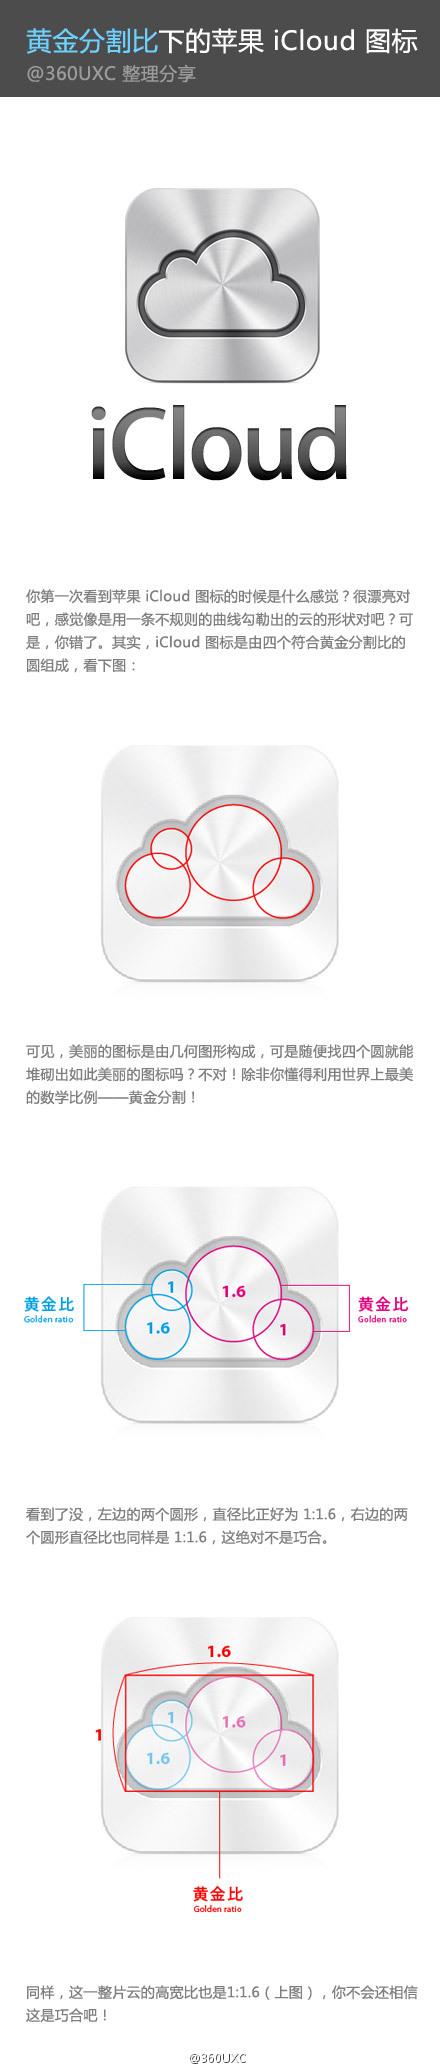 【黄金分割比下的苹果 iCloud 图标】